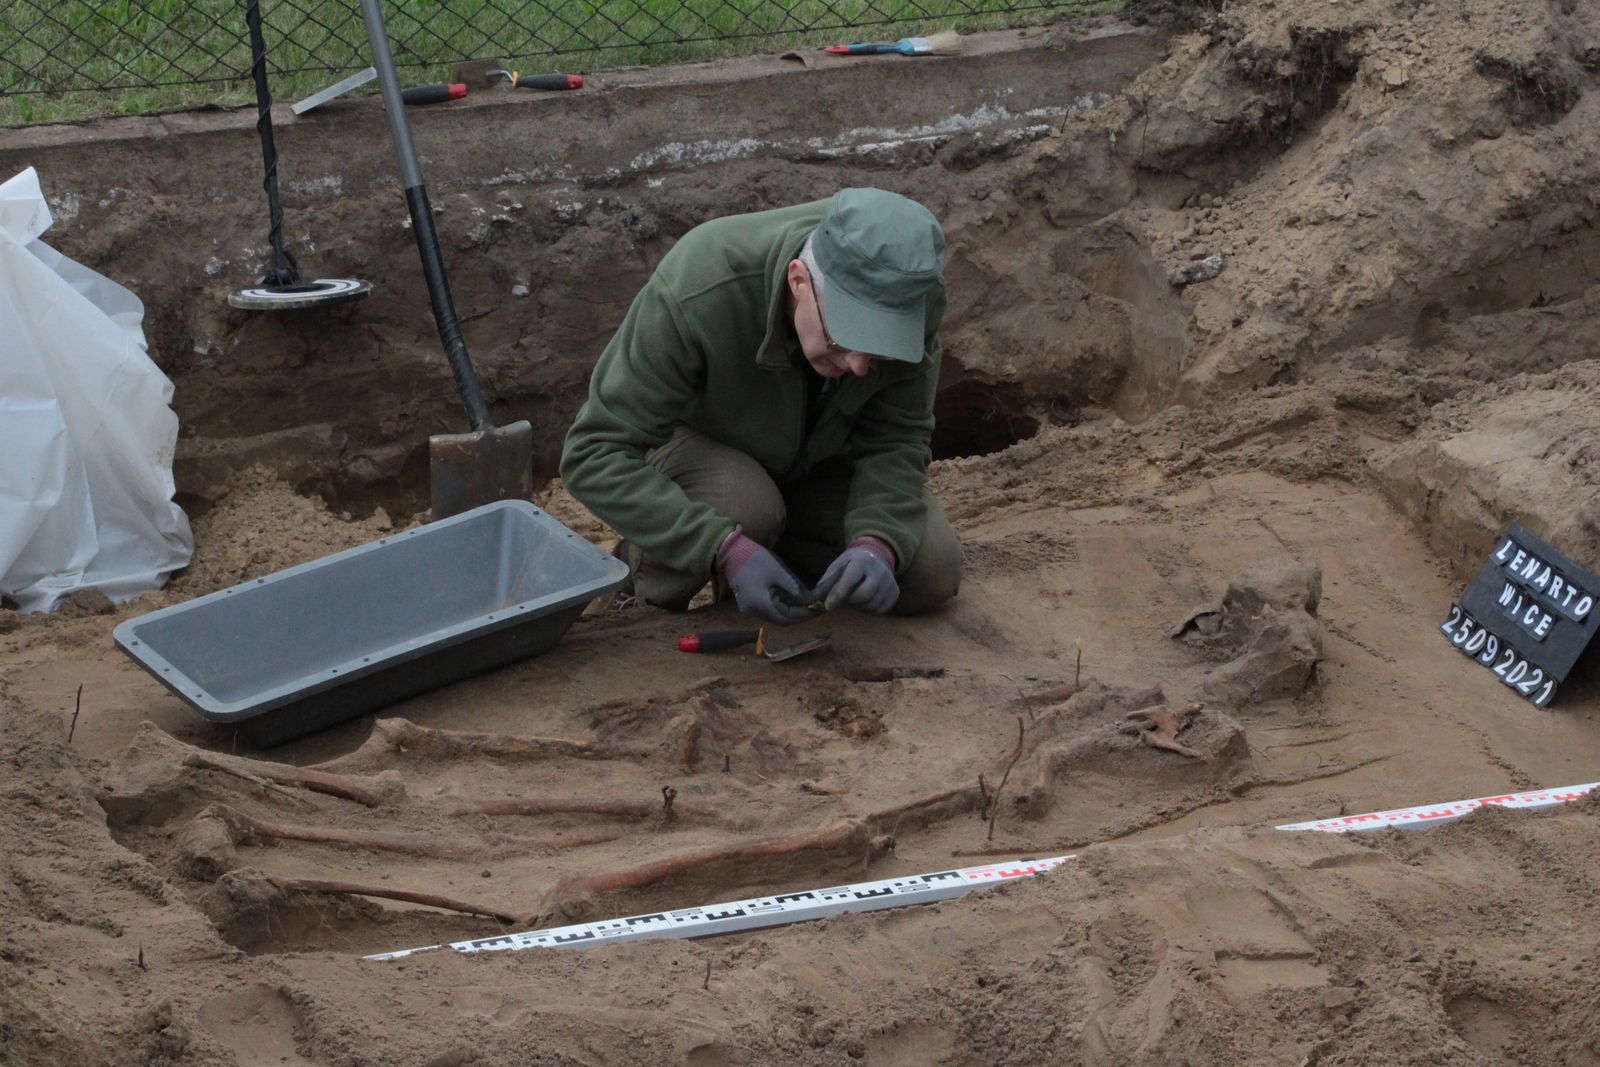 Niezwykłe odkrycie w Lenartowicach. Odnaleziono szczątki żołnierzy niemieckich [ZDJĘCIA] - Zdjęcie główne